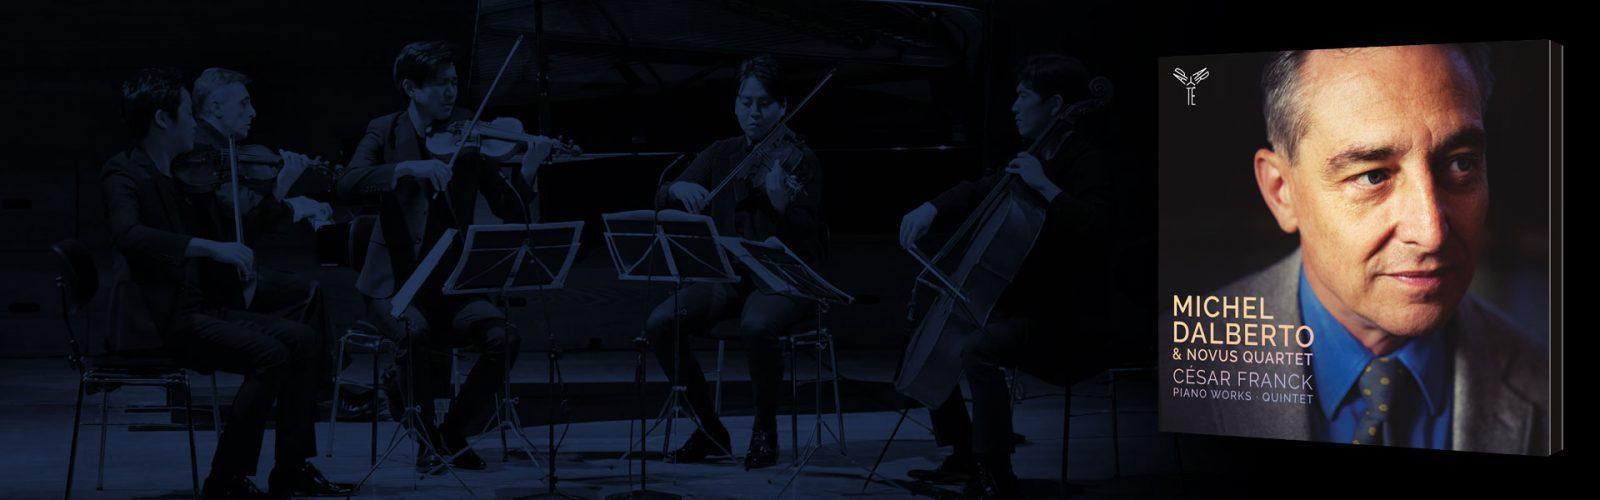 César Franck: Piano Works & Quintet | Michel Dalberto, Novus Quartet